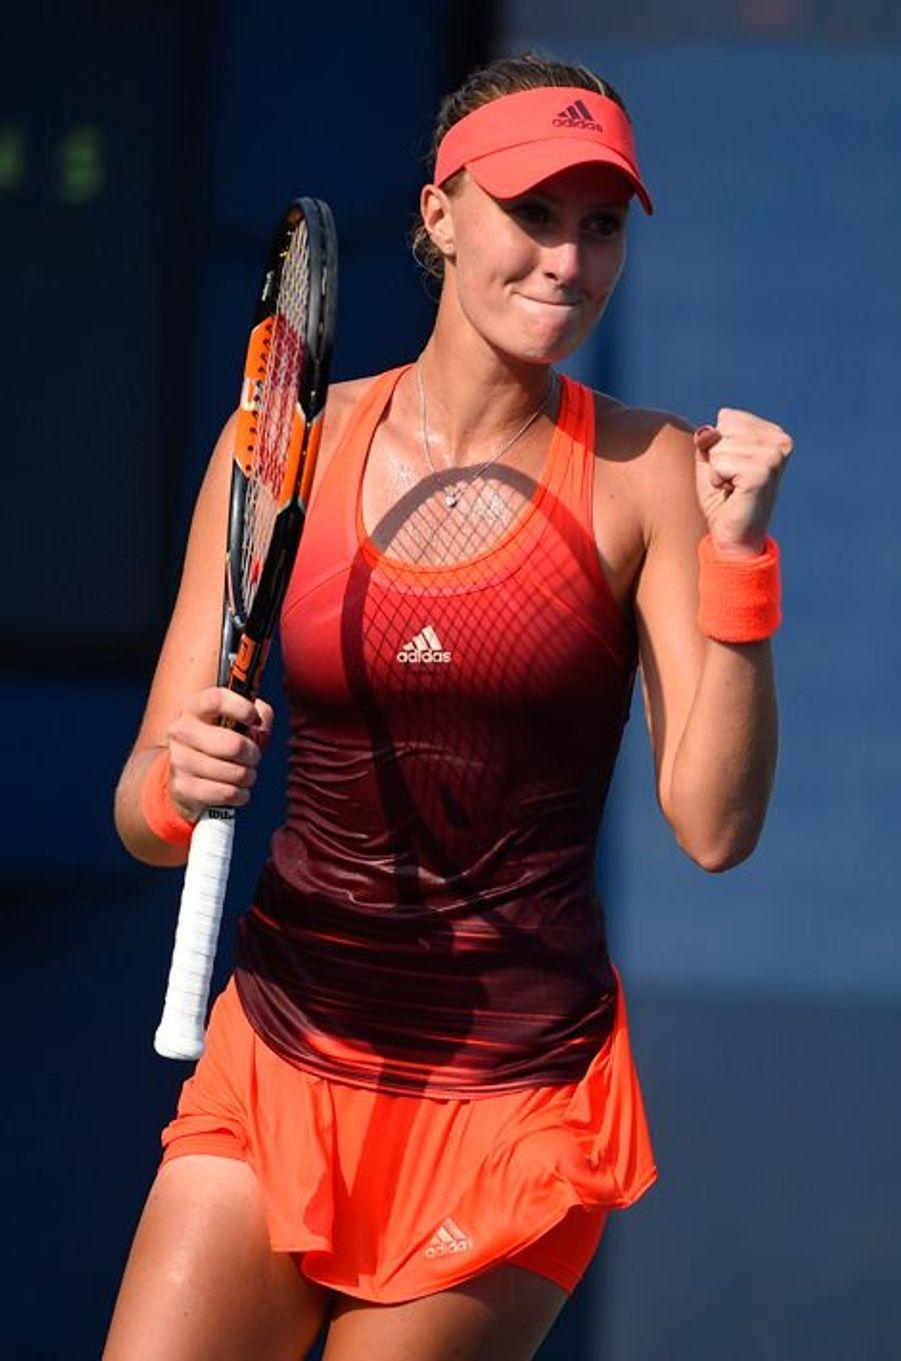 La tenniswoman française Kristina Mladenovic lors de son match du 2ème tour à l'US Open 2015 mercredi 2 septembre